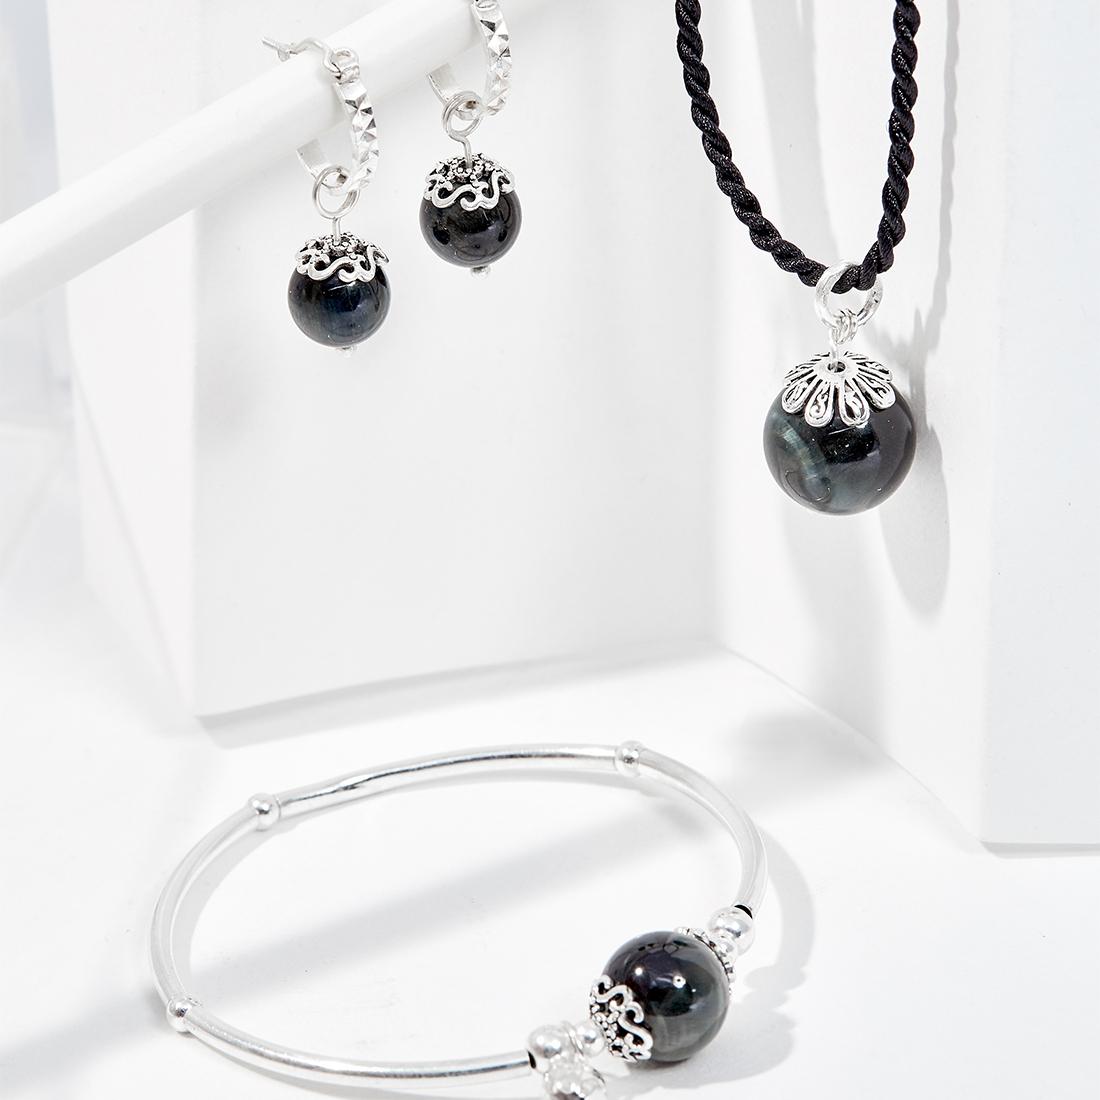 Bộ trang sức đá mắt hổ xanh đen thiên nhiên Ngọc Quý Gemstones